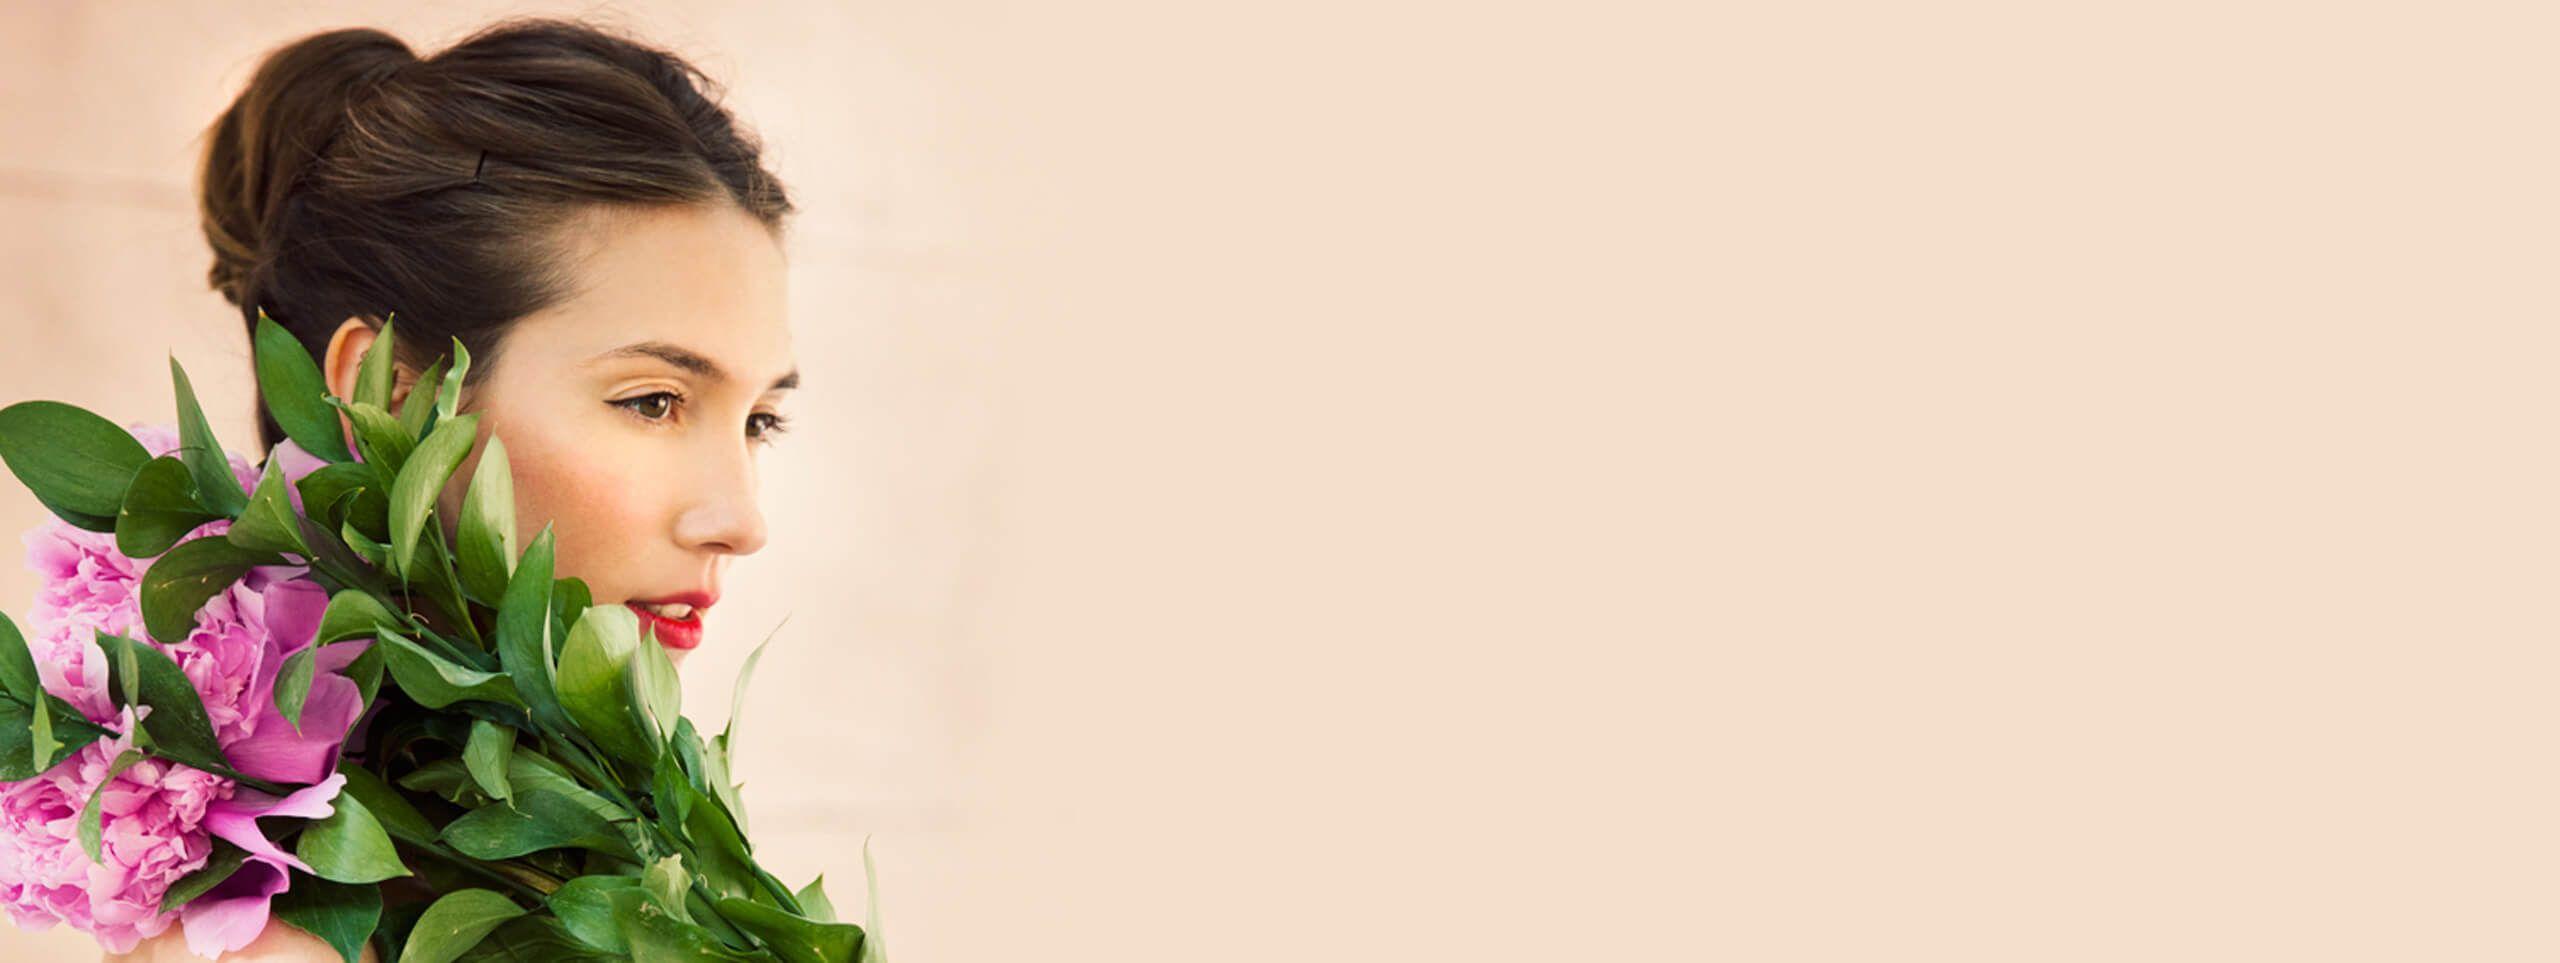 Modella acconciatura sposa chignon fiori